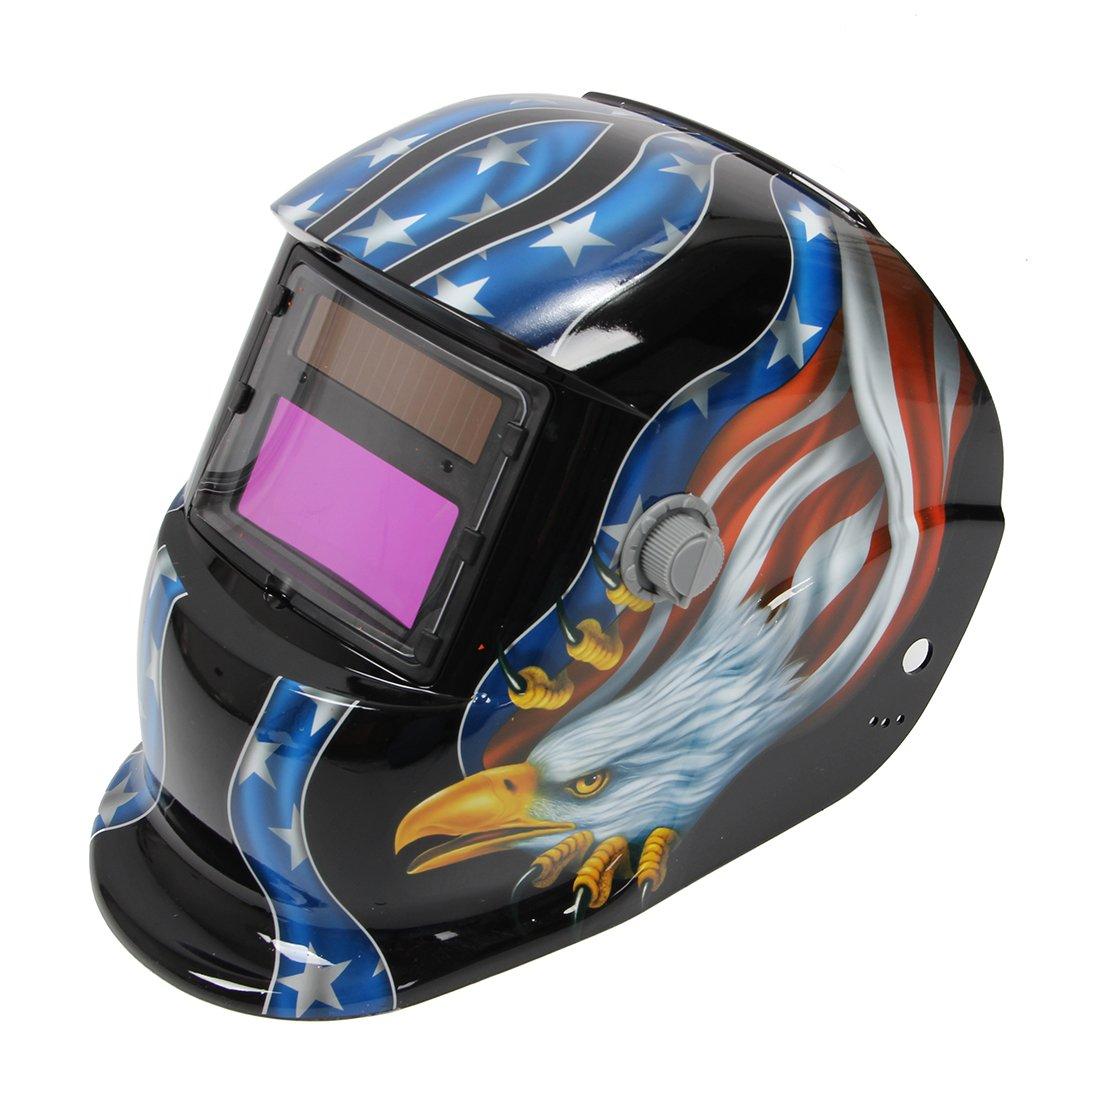 Welding Helmet - SODIAL(R) Solar Auto Darkening Welding Helmet Mig Tig Arc Milling welders mask